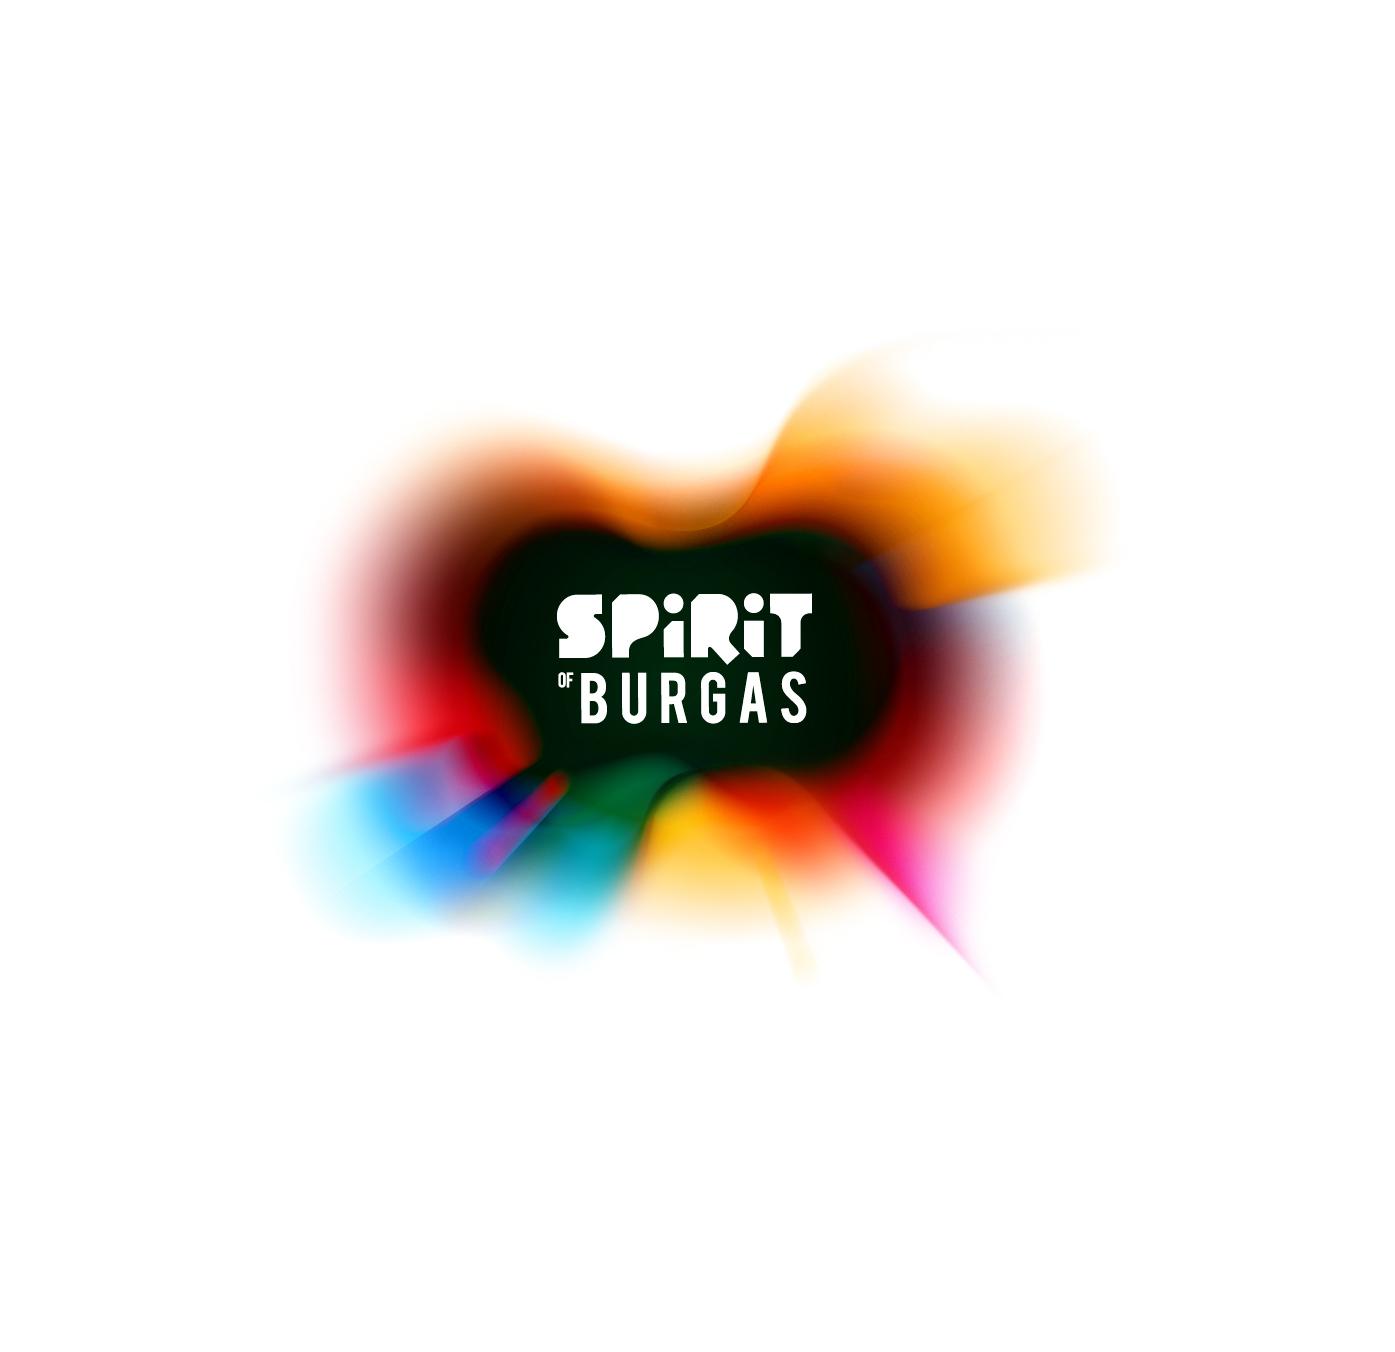 Spirit of Burgas ReBRAND